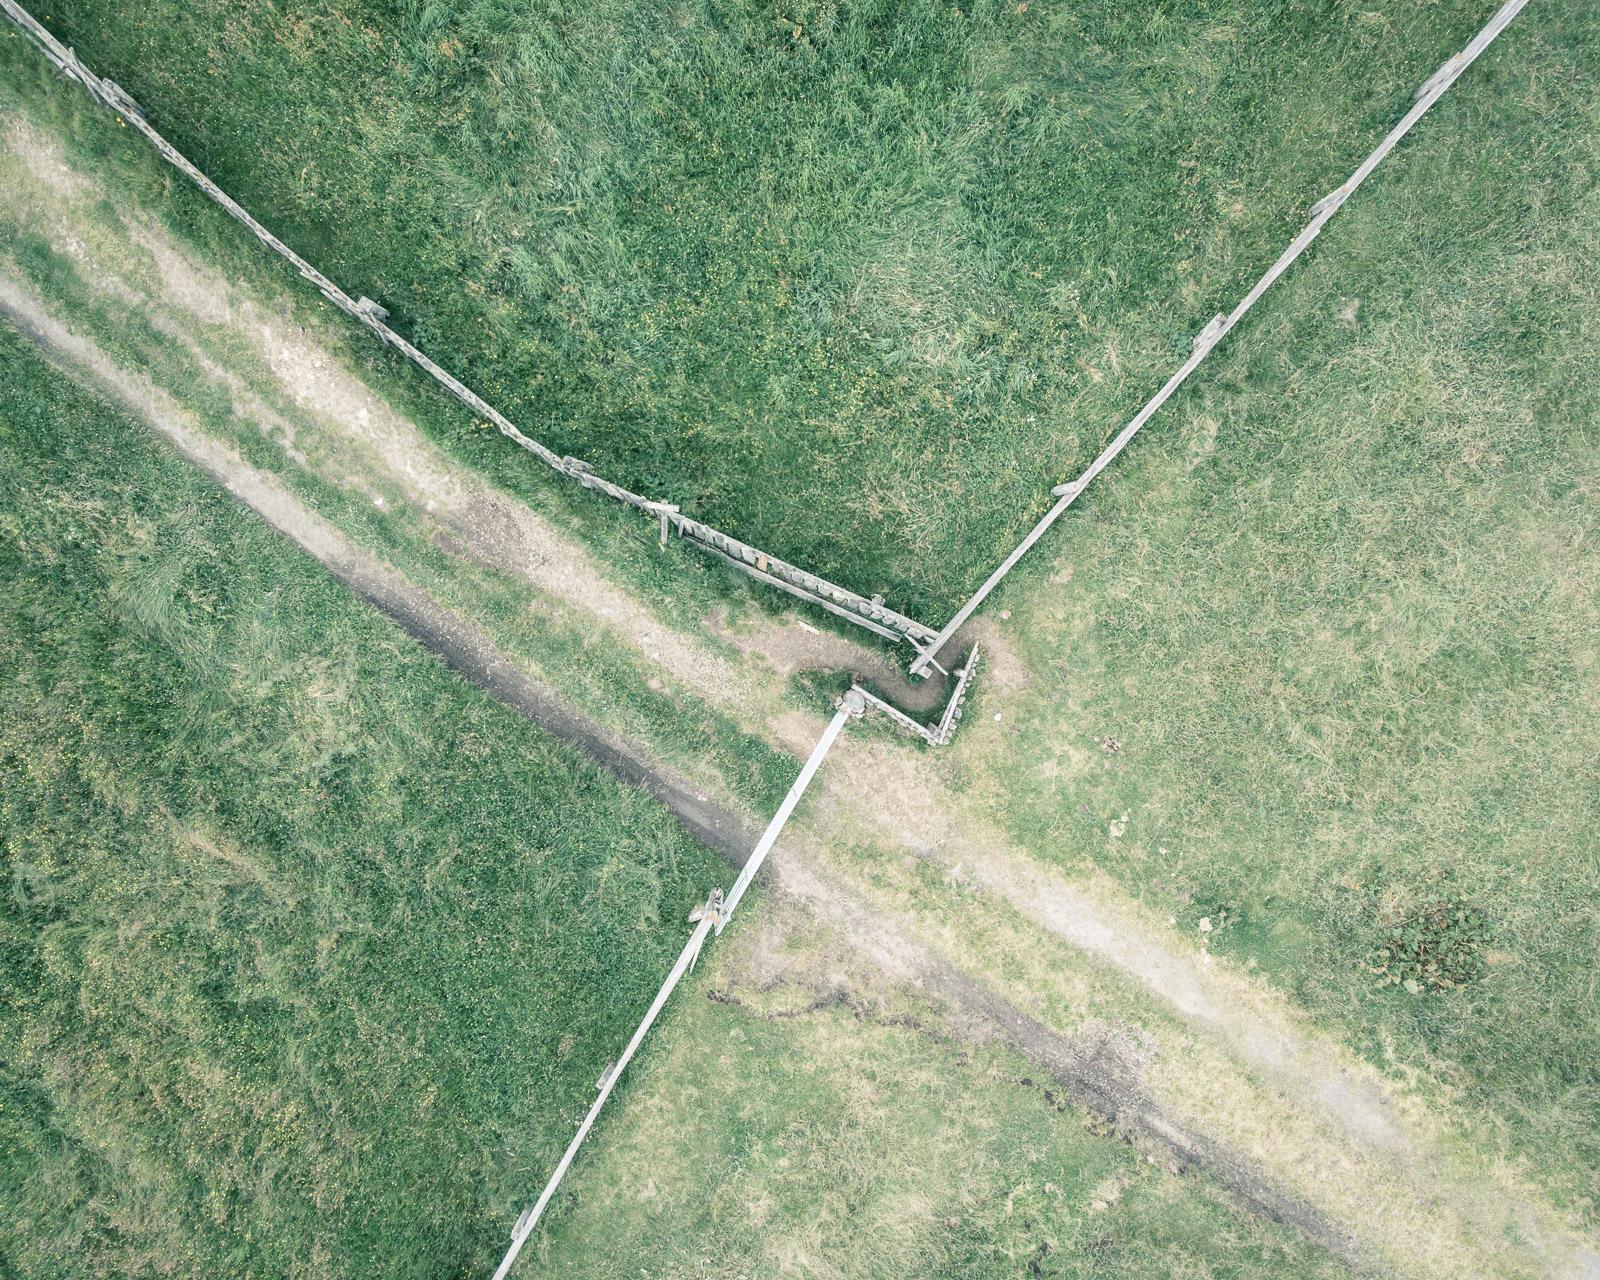 Intersezione tra recinti in dei pascoli alpini, Rodengo (BZ) (46.774149°, 11.785651°)